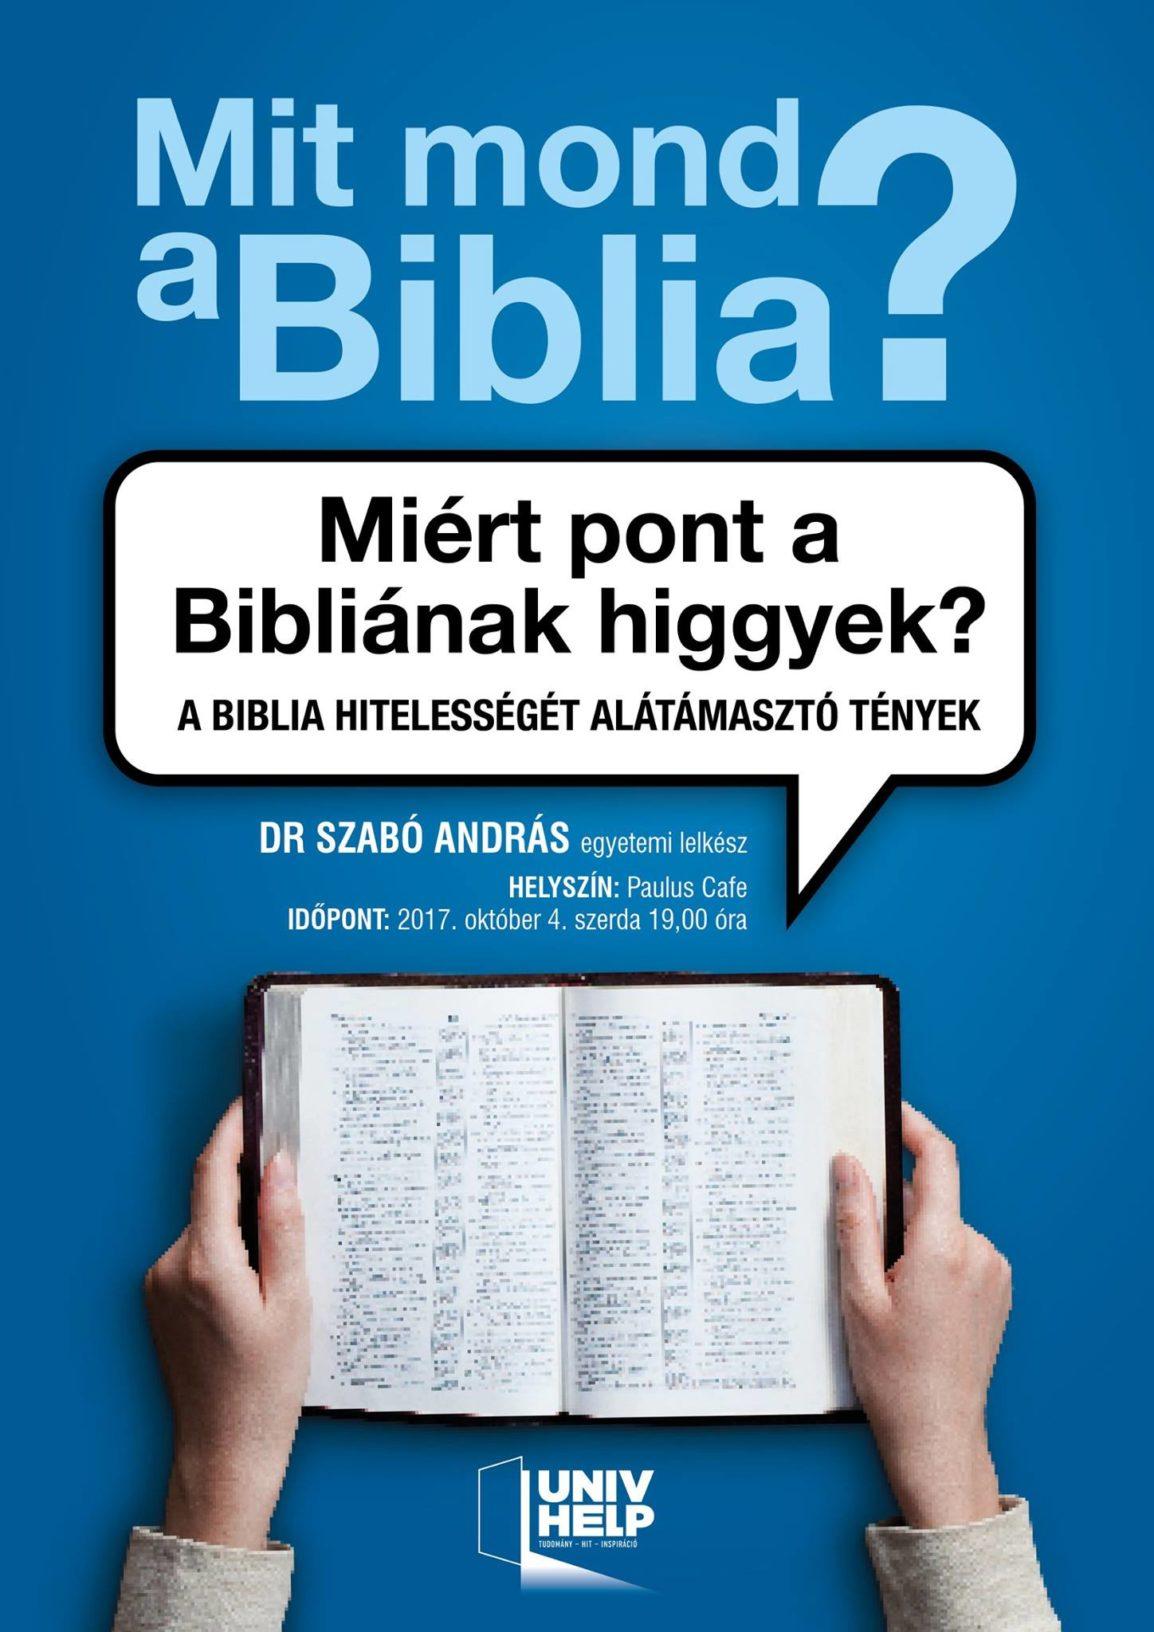 Miért épp a Bibliának higgyek?!